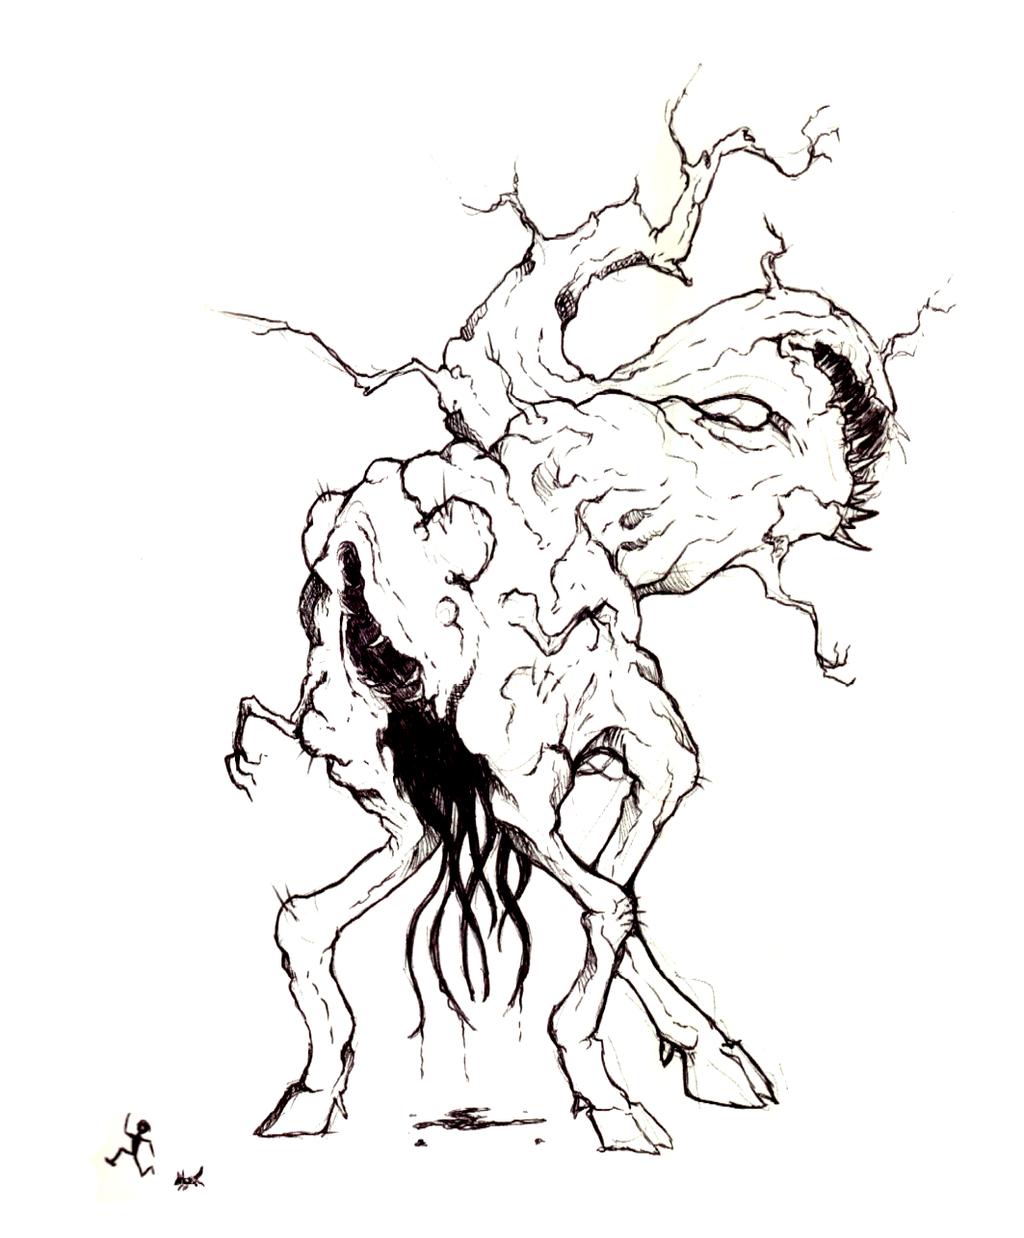 Shub-niggurath coloring #1, Download drawings